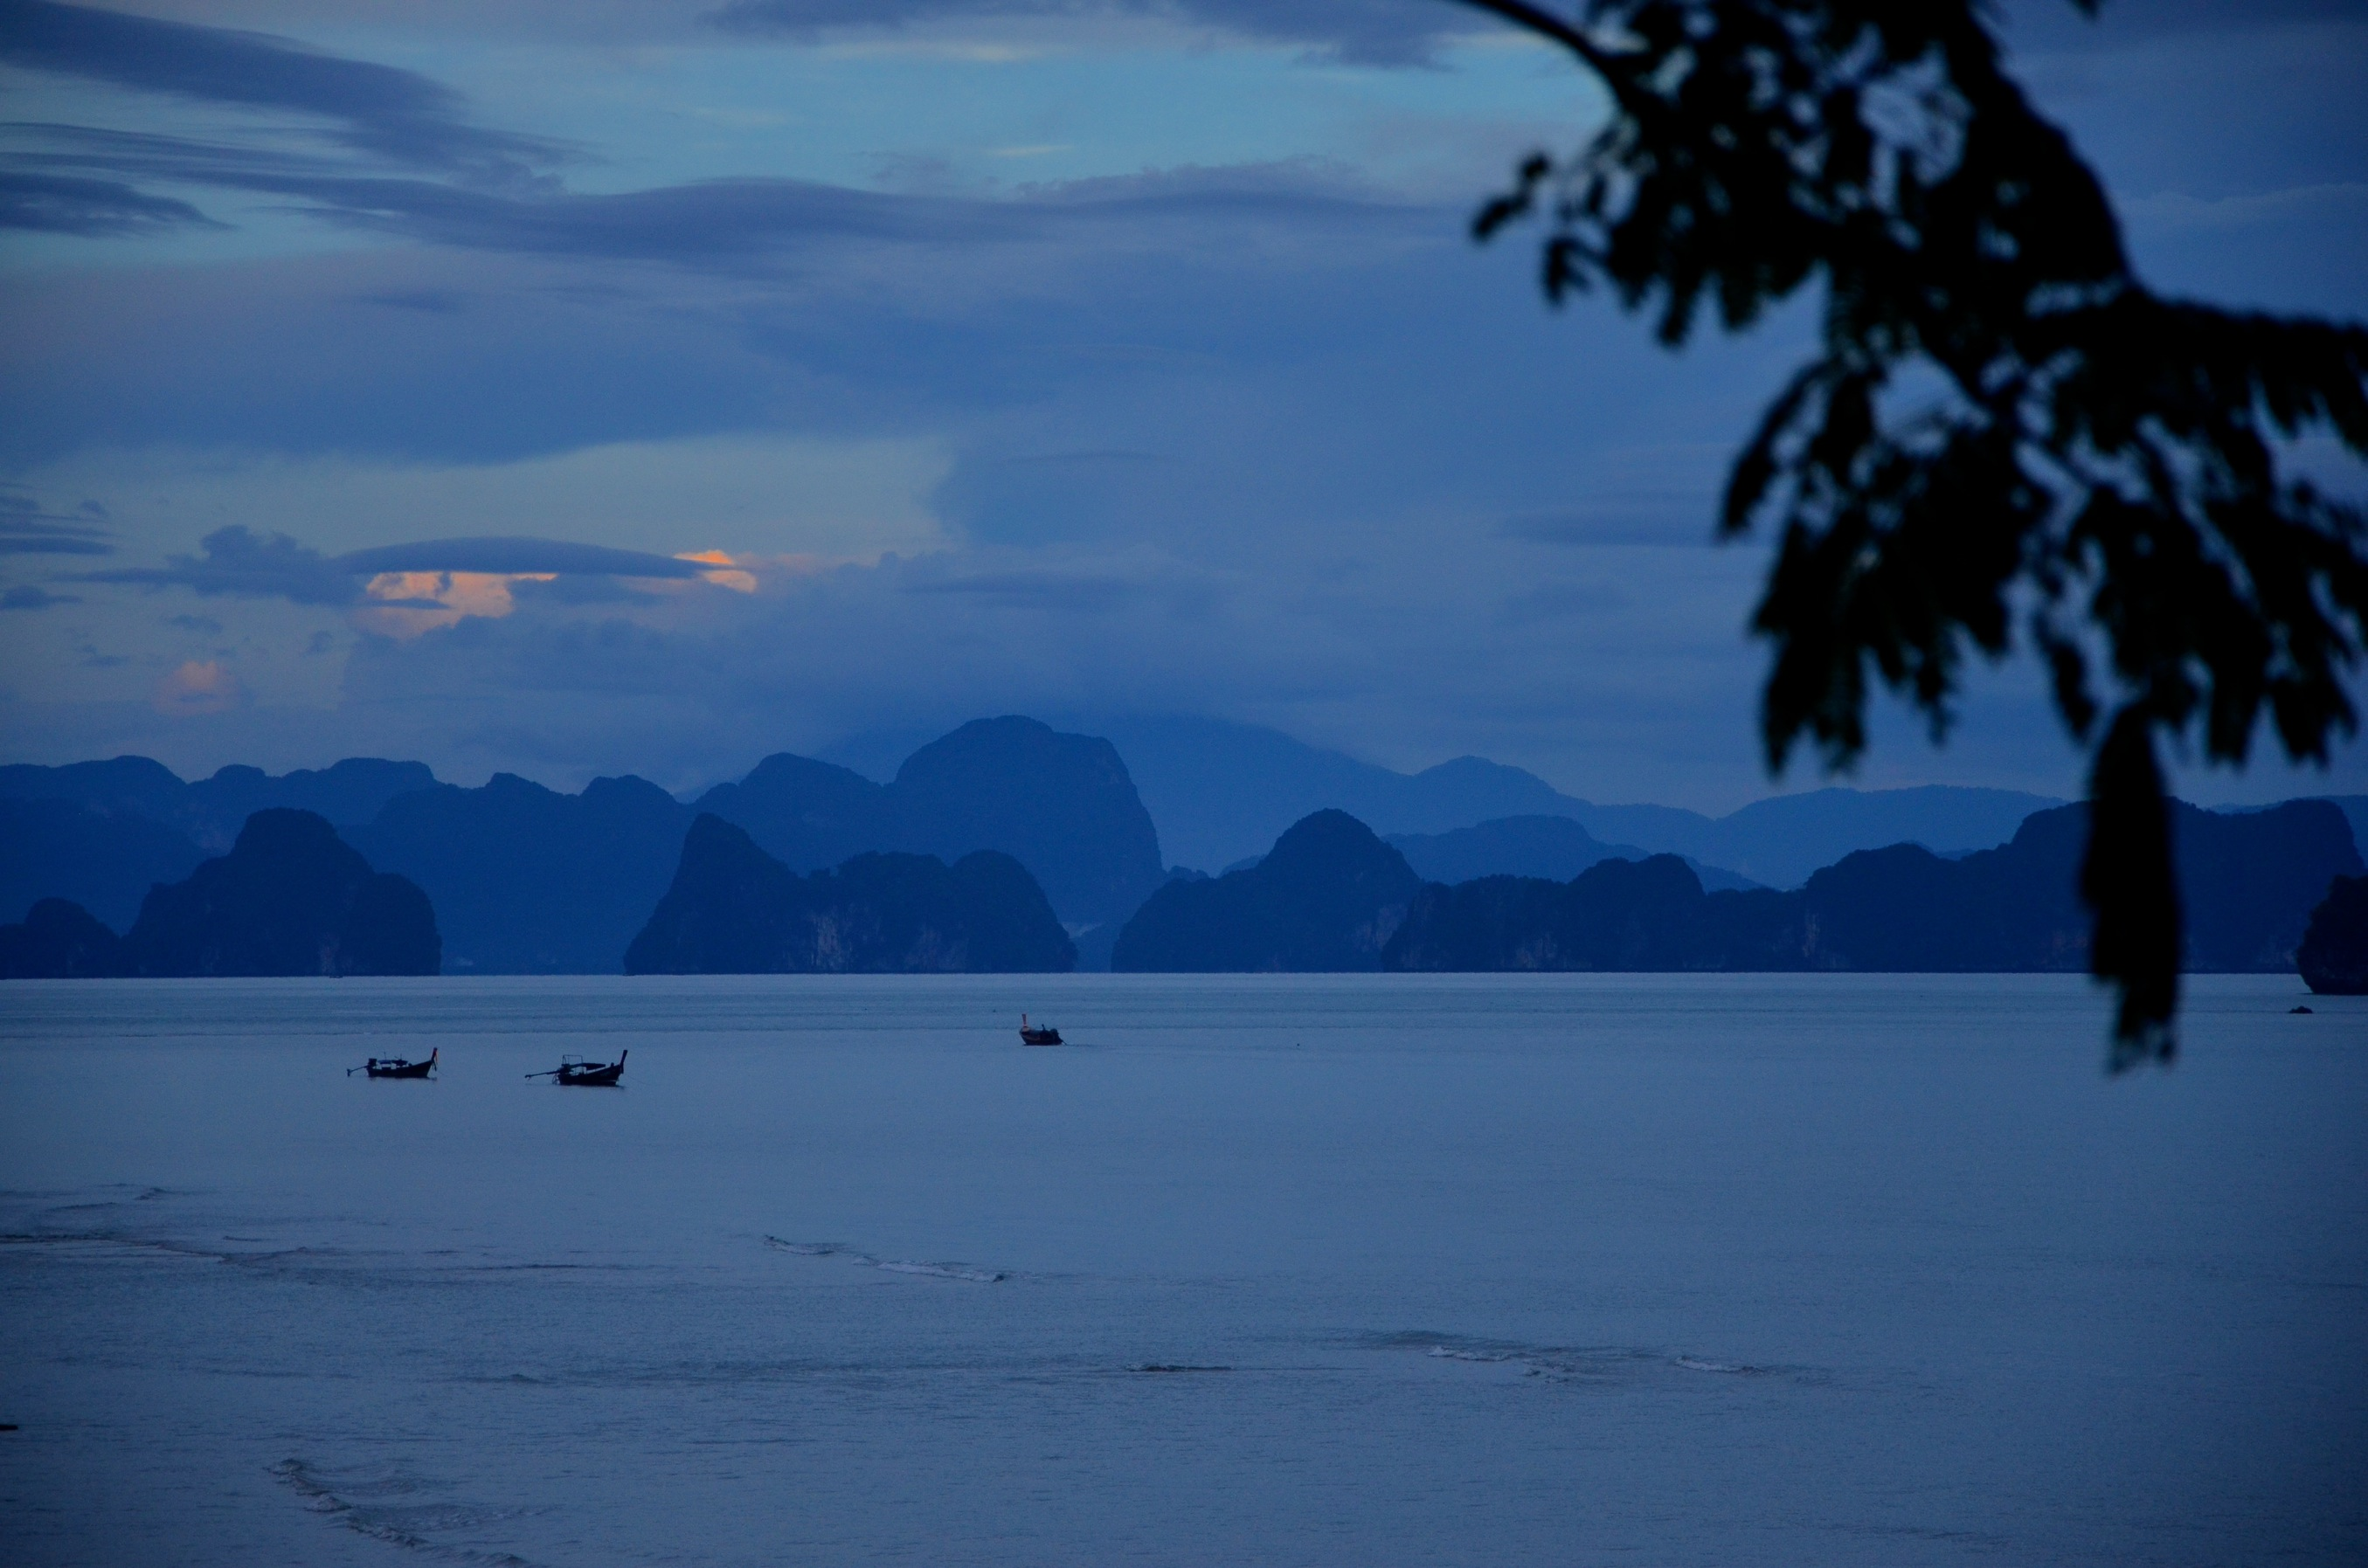 Wie schön kann unsere Erde sein?! Atemberaubende Aussicht auf der Insel Koh Yao Yai